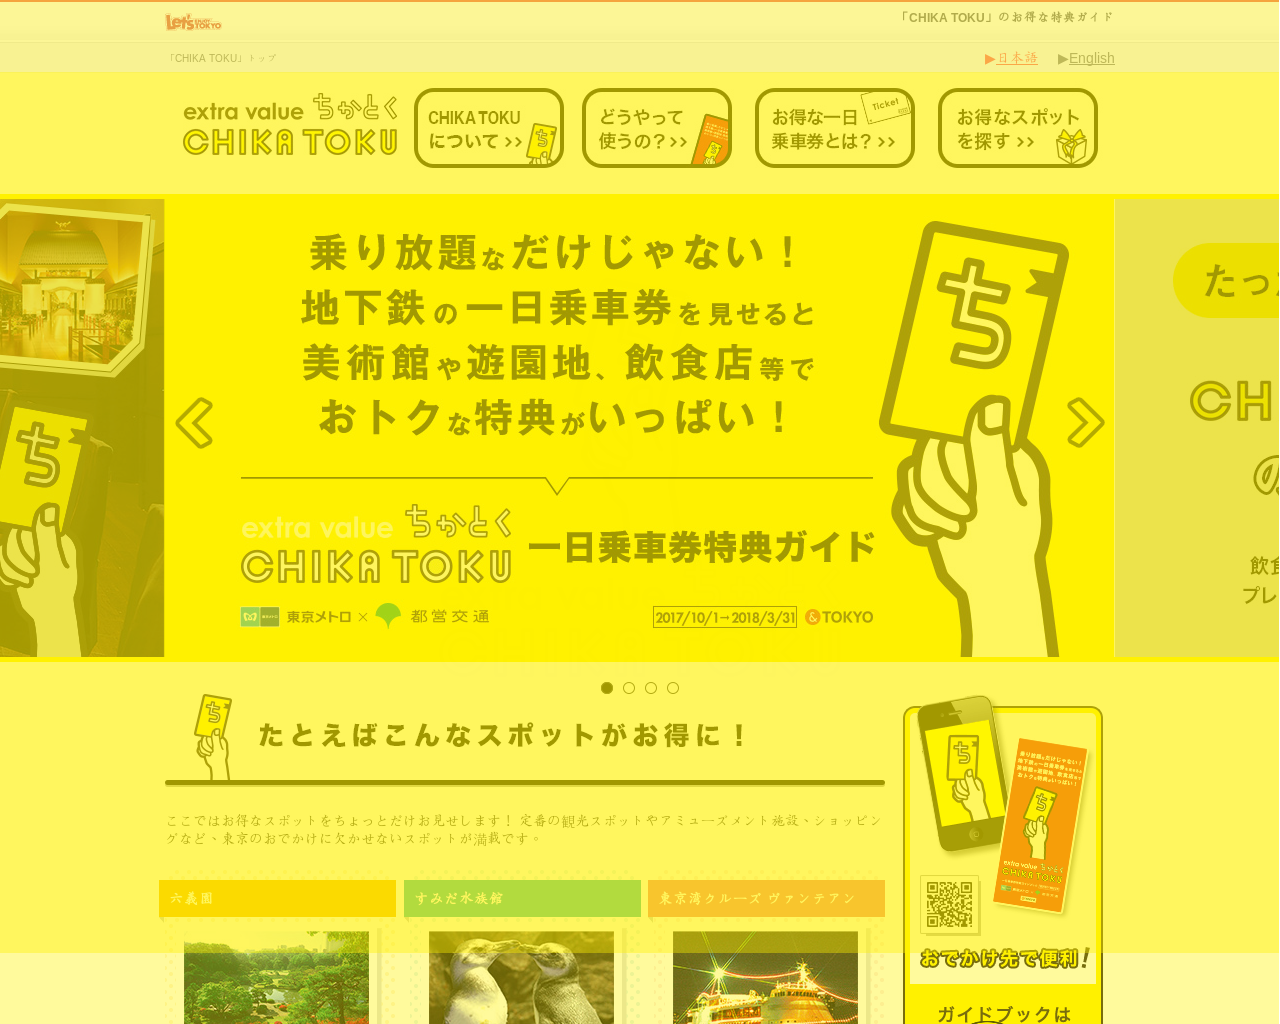 chikatoku.enjoytokyo.jp(2017/12/07 06:41:29)